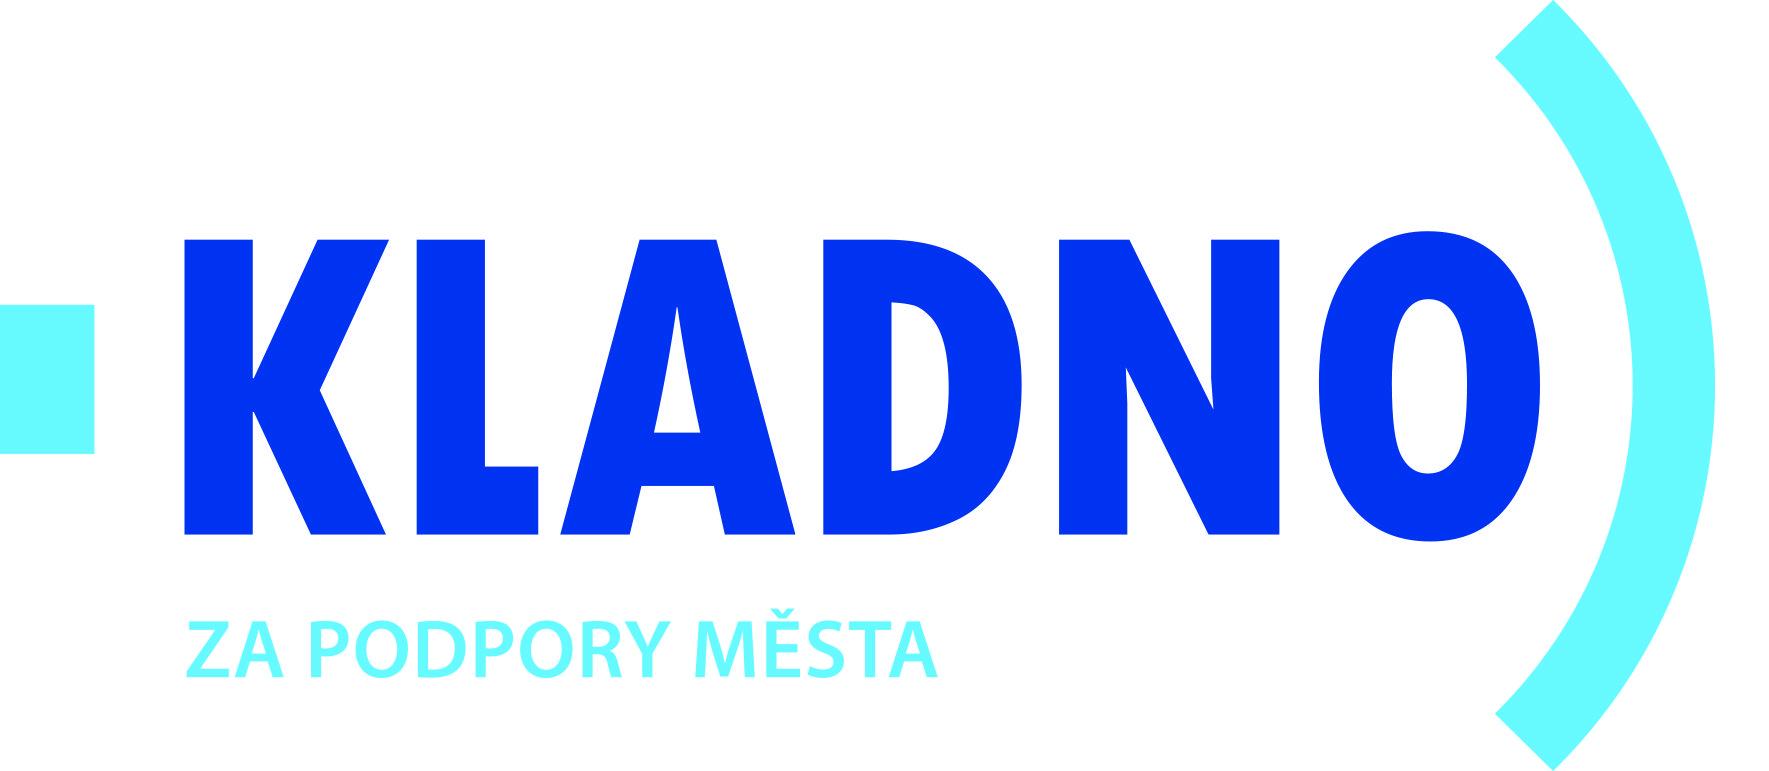 KLADNO_-_Za_podpory_města